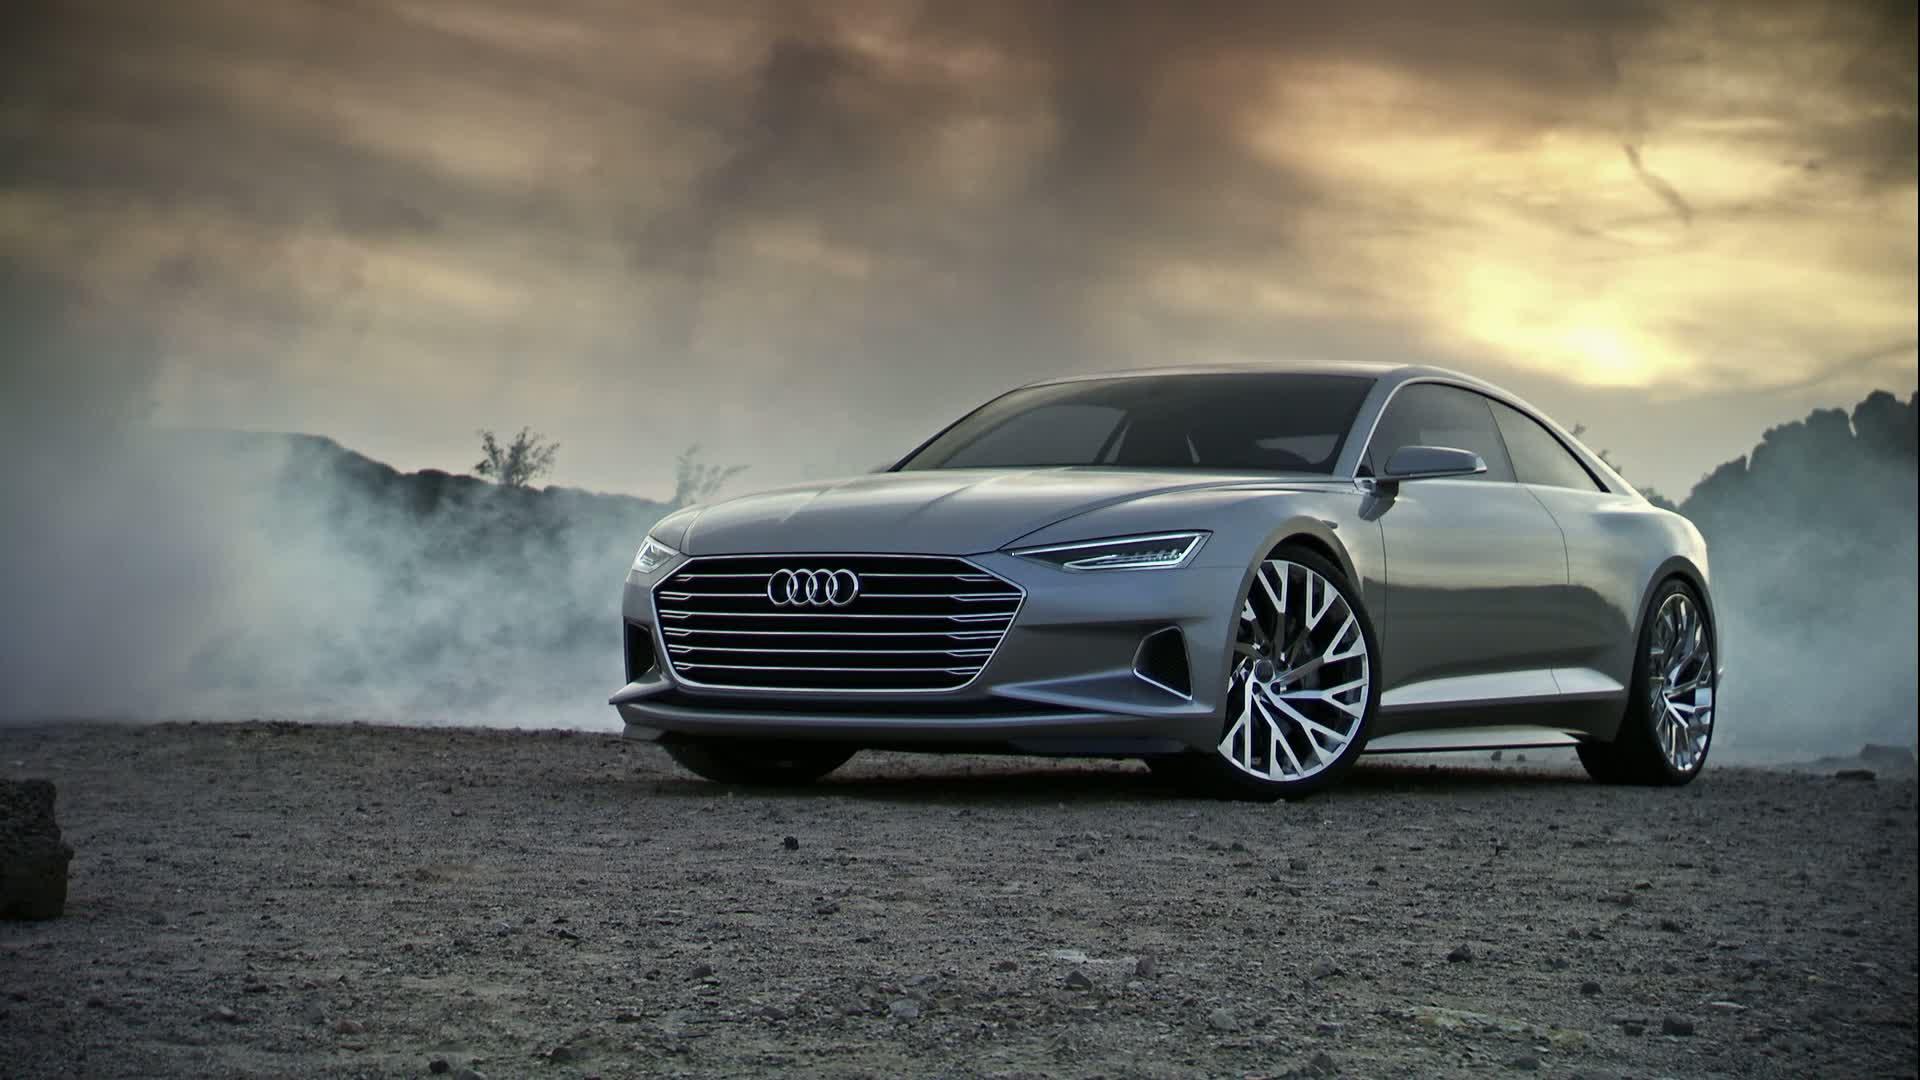 Das Showcar Audi prologue – Aufbruch in eine neue Design-Ära